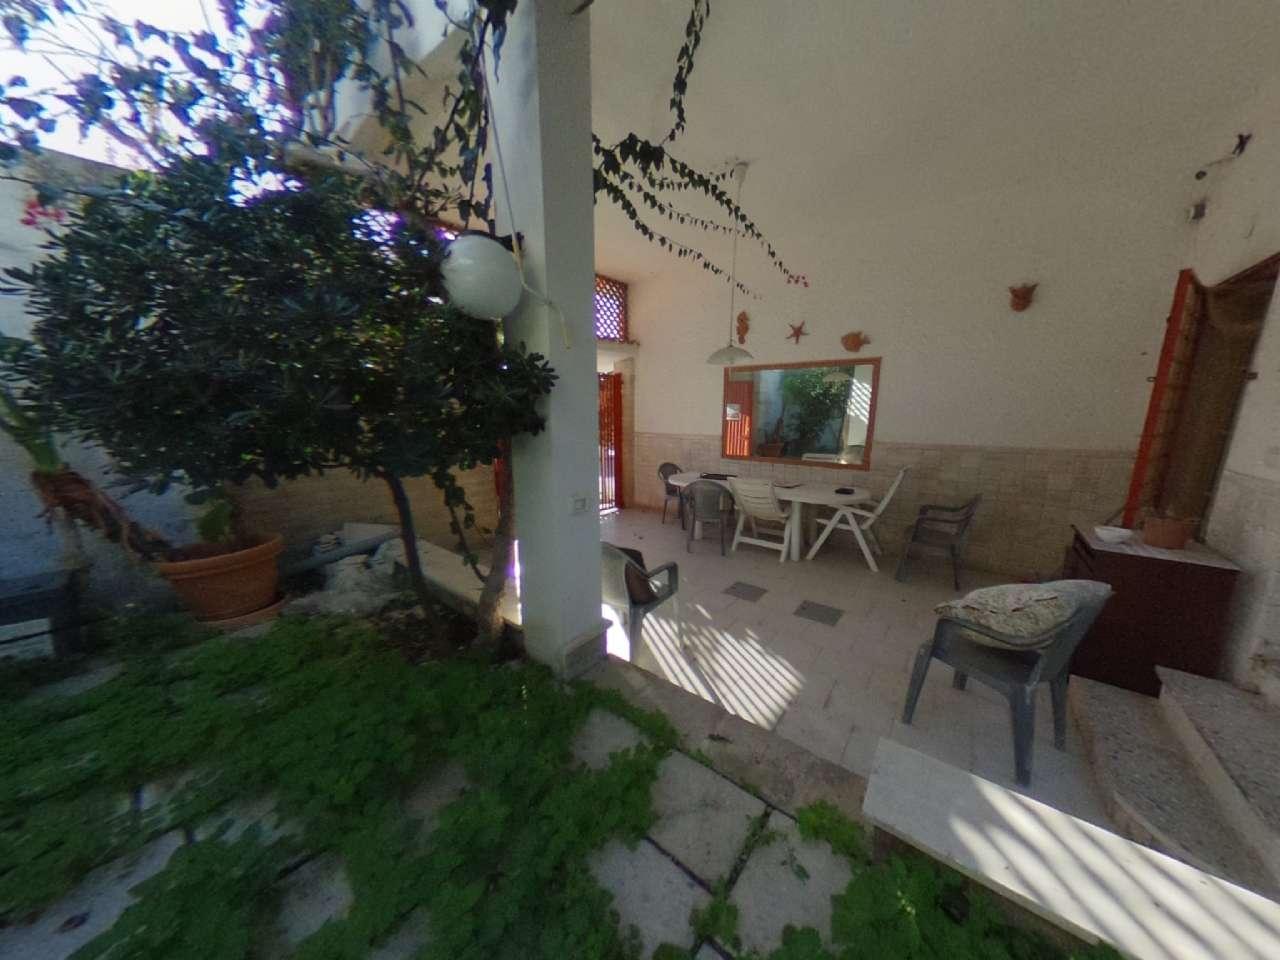 Villetta, Via delle Acacie, localitaì San Pietro, Manduria, foto 16